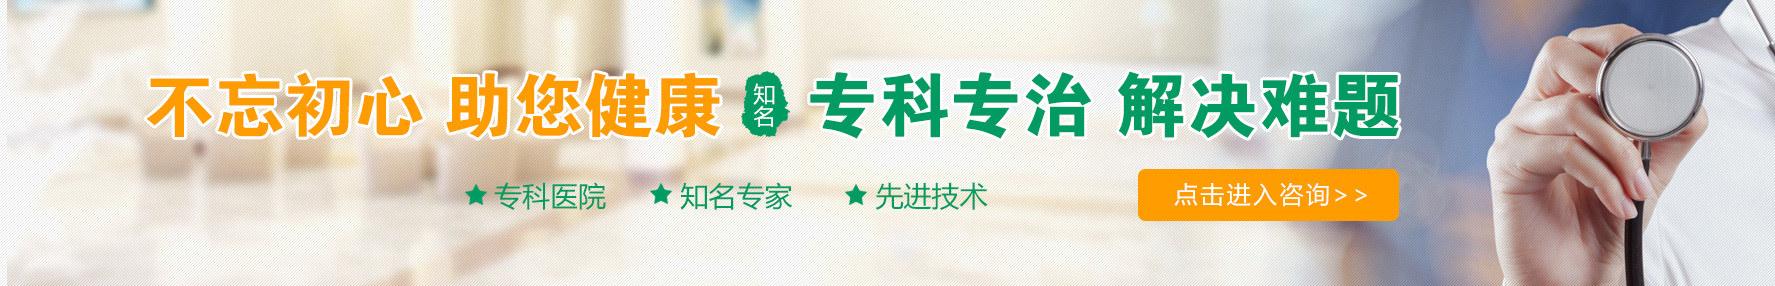 南京骨科医院